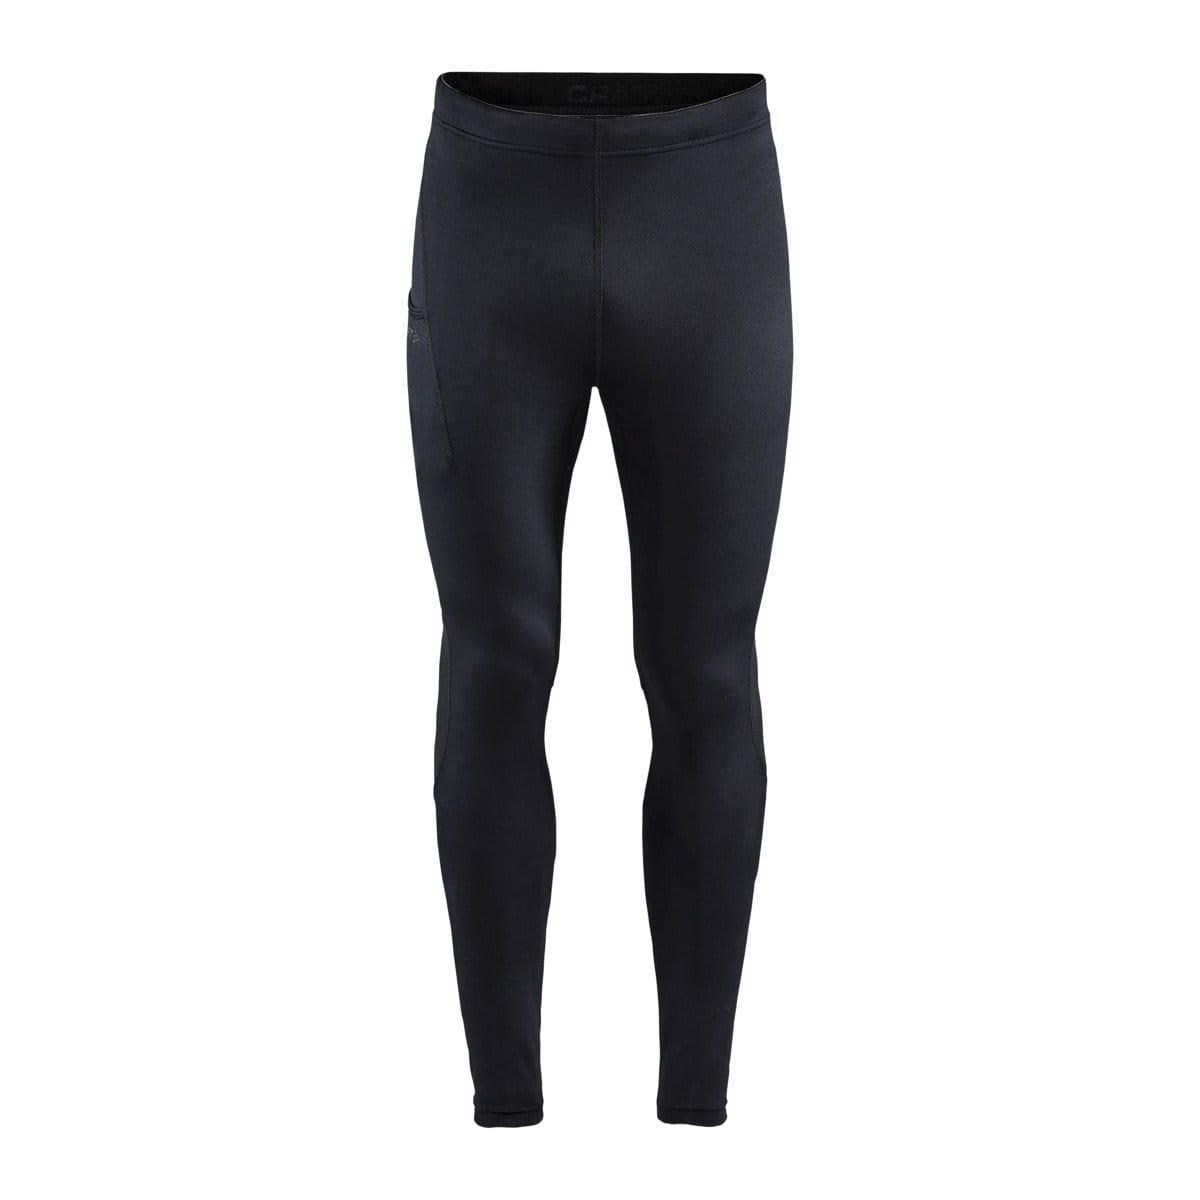 Kalhoty Craft Kalhoty ADV Essence černá